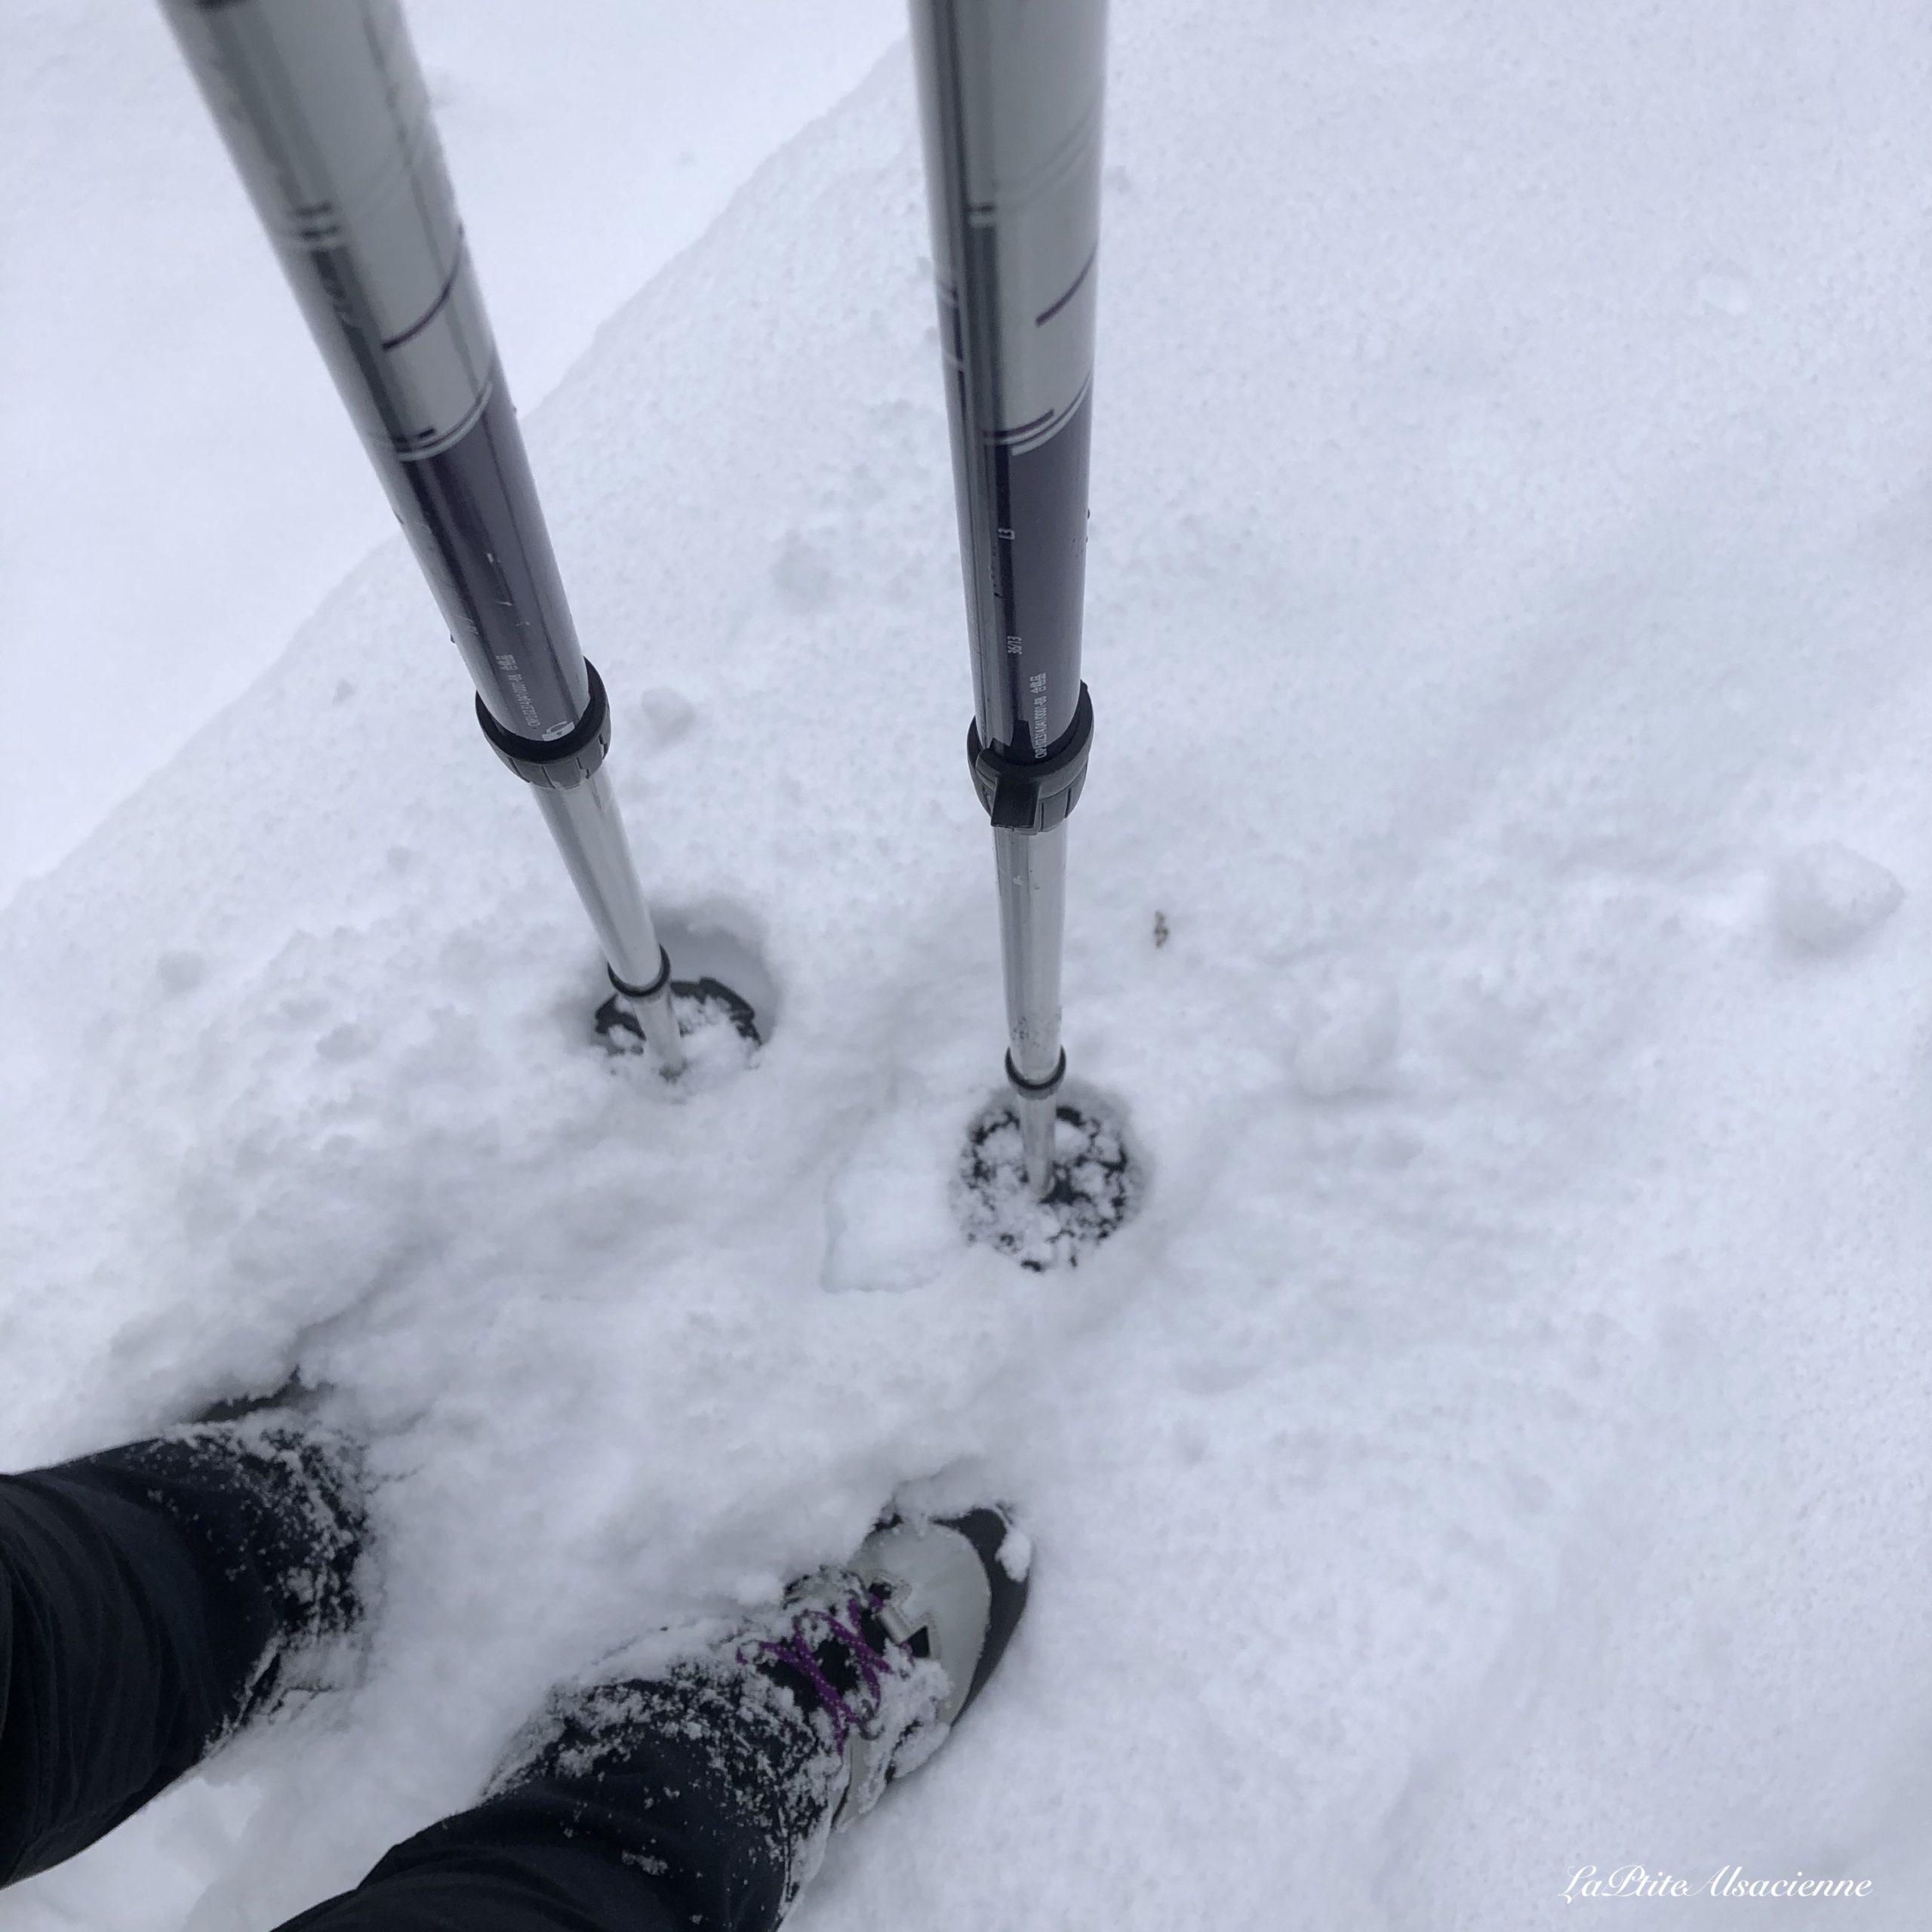 Chaussure pour randonner en hiver : Quechua Bionnassay Light Violet. Que je regrette d'avoir achetée car pas adaptée à mon pied !